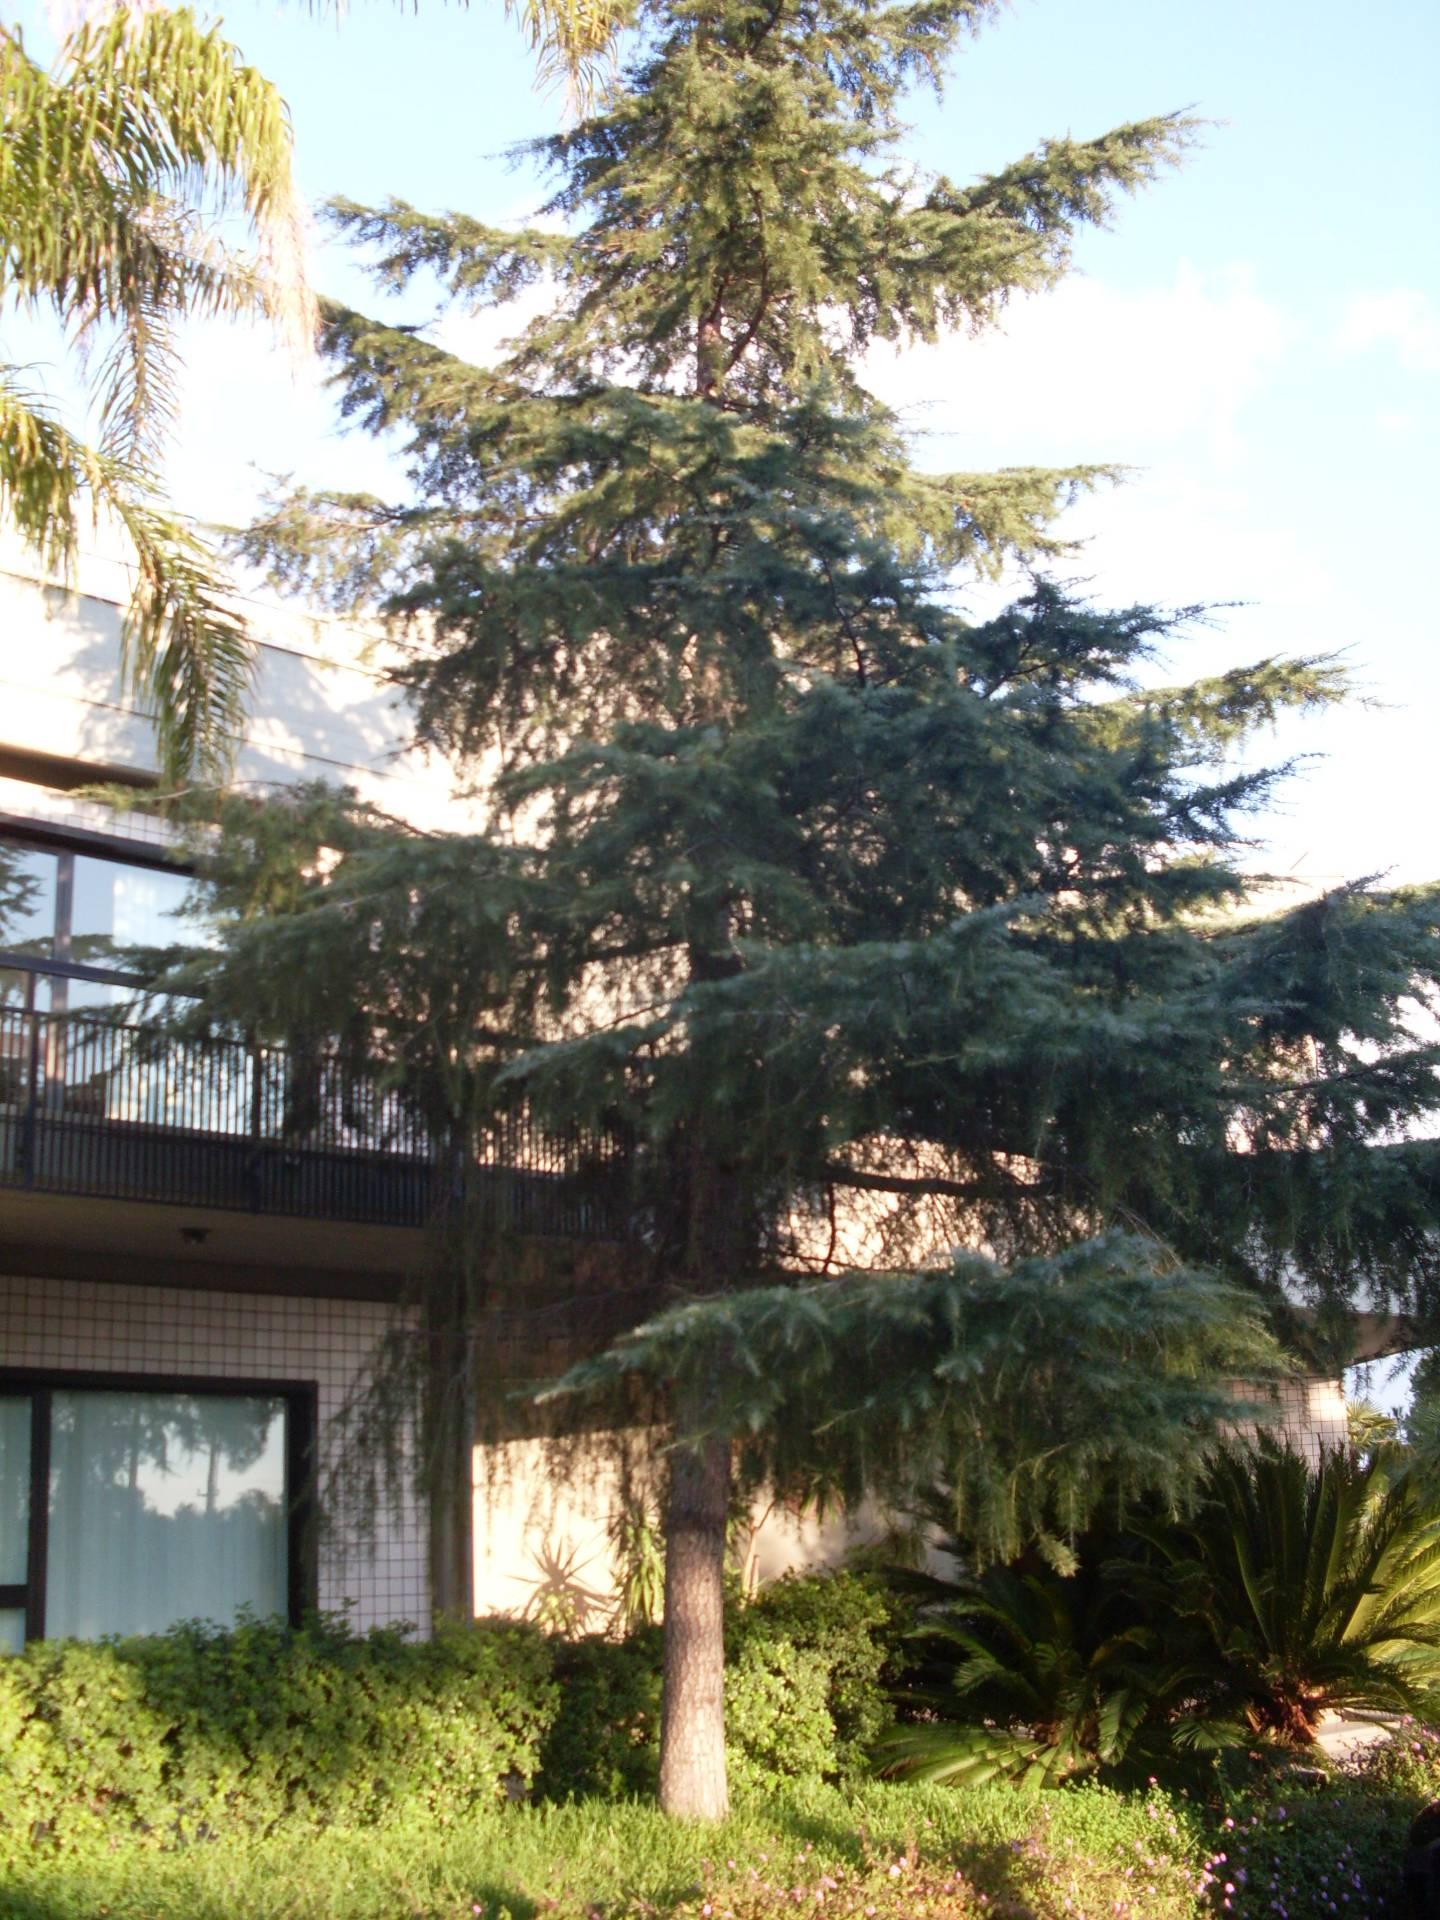 Negozio / Locale in vendita a Acireale, 9999 locali, prezzo € 2.200.000 | CambioCasa.it